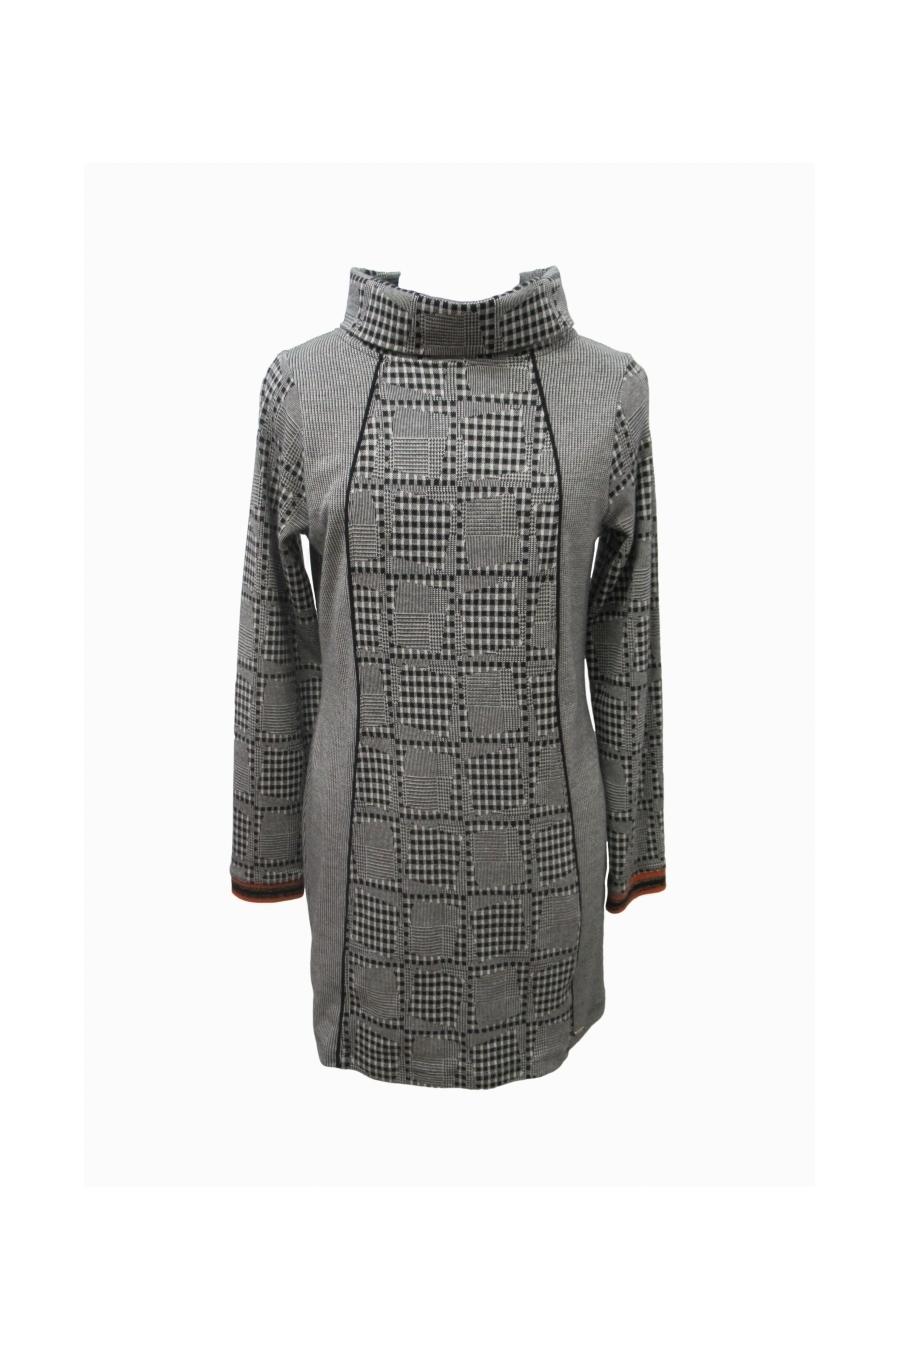 Maloka: Boxed Beauty Jacquard Tunic/Dress